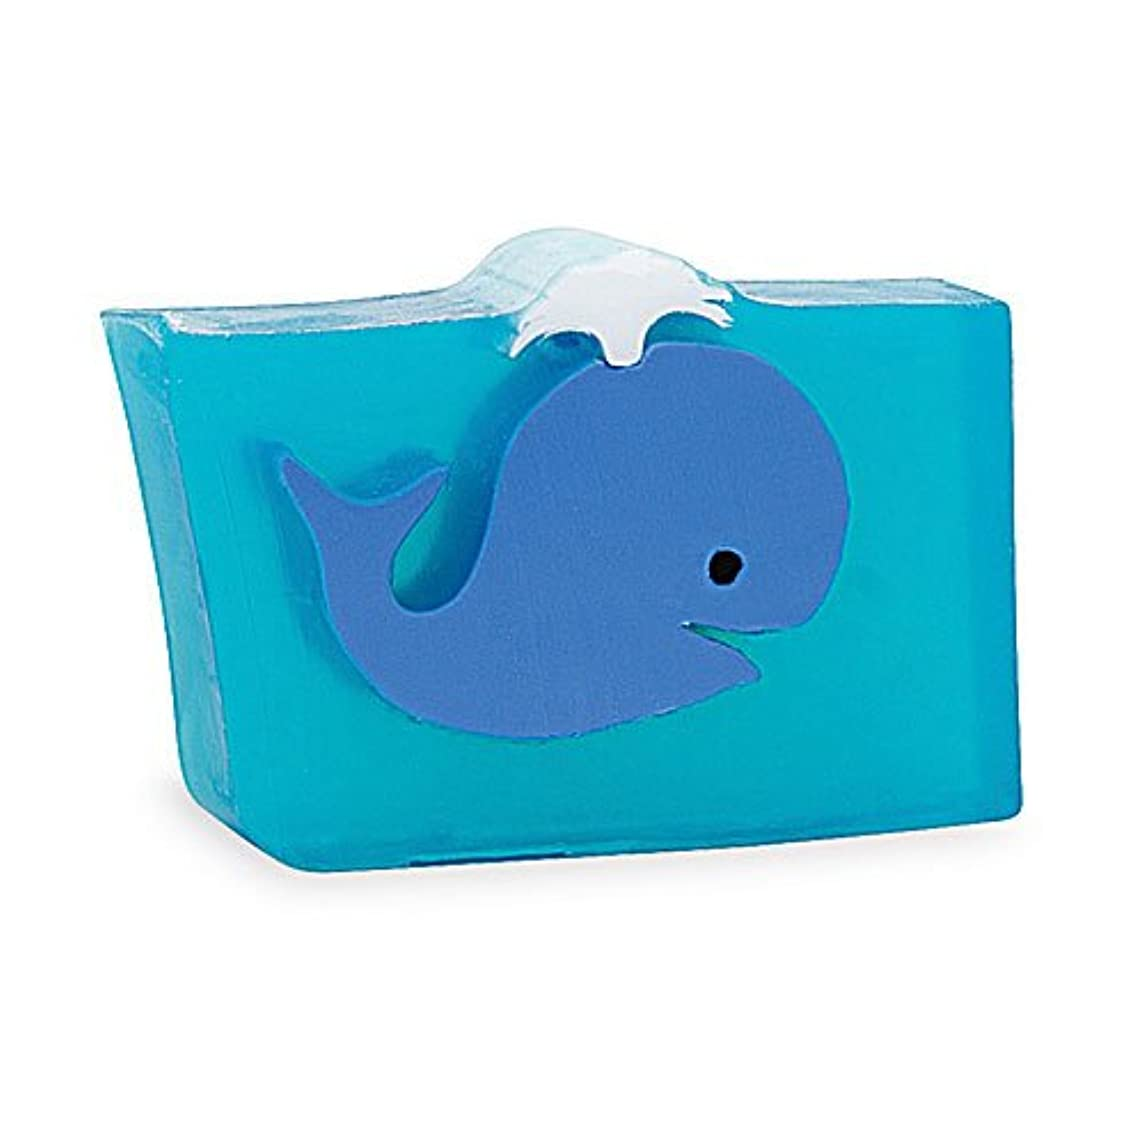 苦しめる安心輸血プライモールエレメンツ アロマティック ソープ クジラ 180g 植物性 ナチュラル 石鹸 無添加